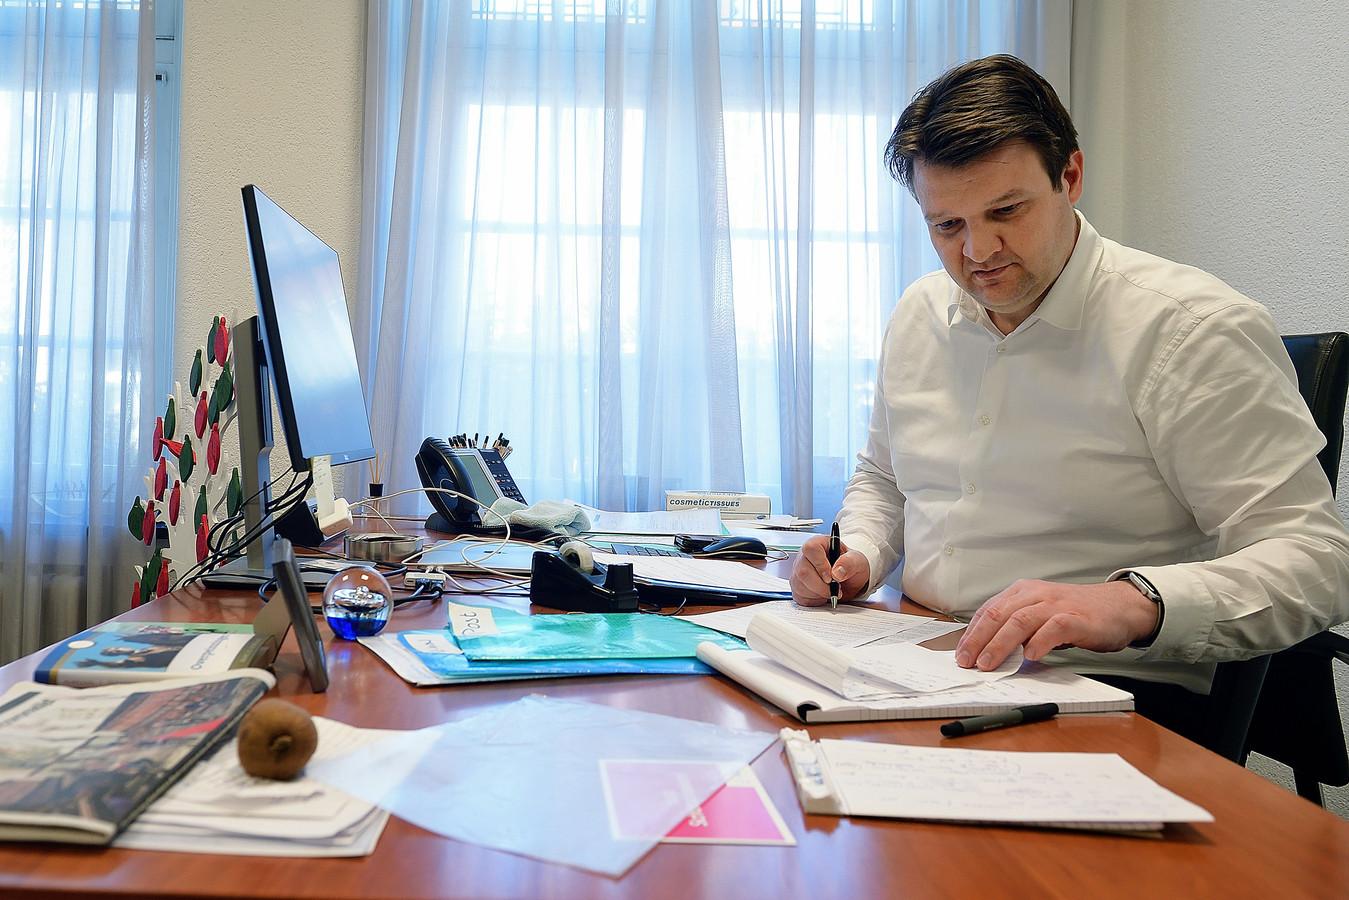 Burgemeester Han van Midden van Roosendaal werkt in tijdens de coronacrisis 'gewoon' vanuit Mariadal.